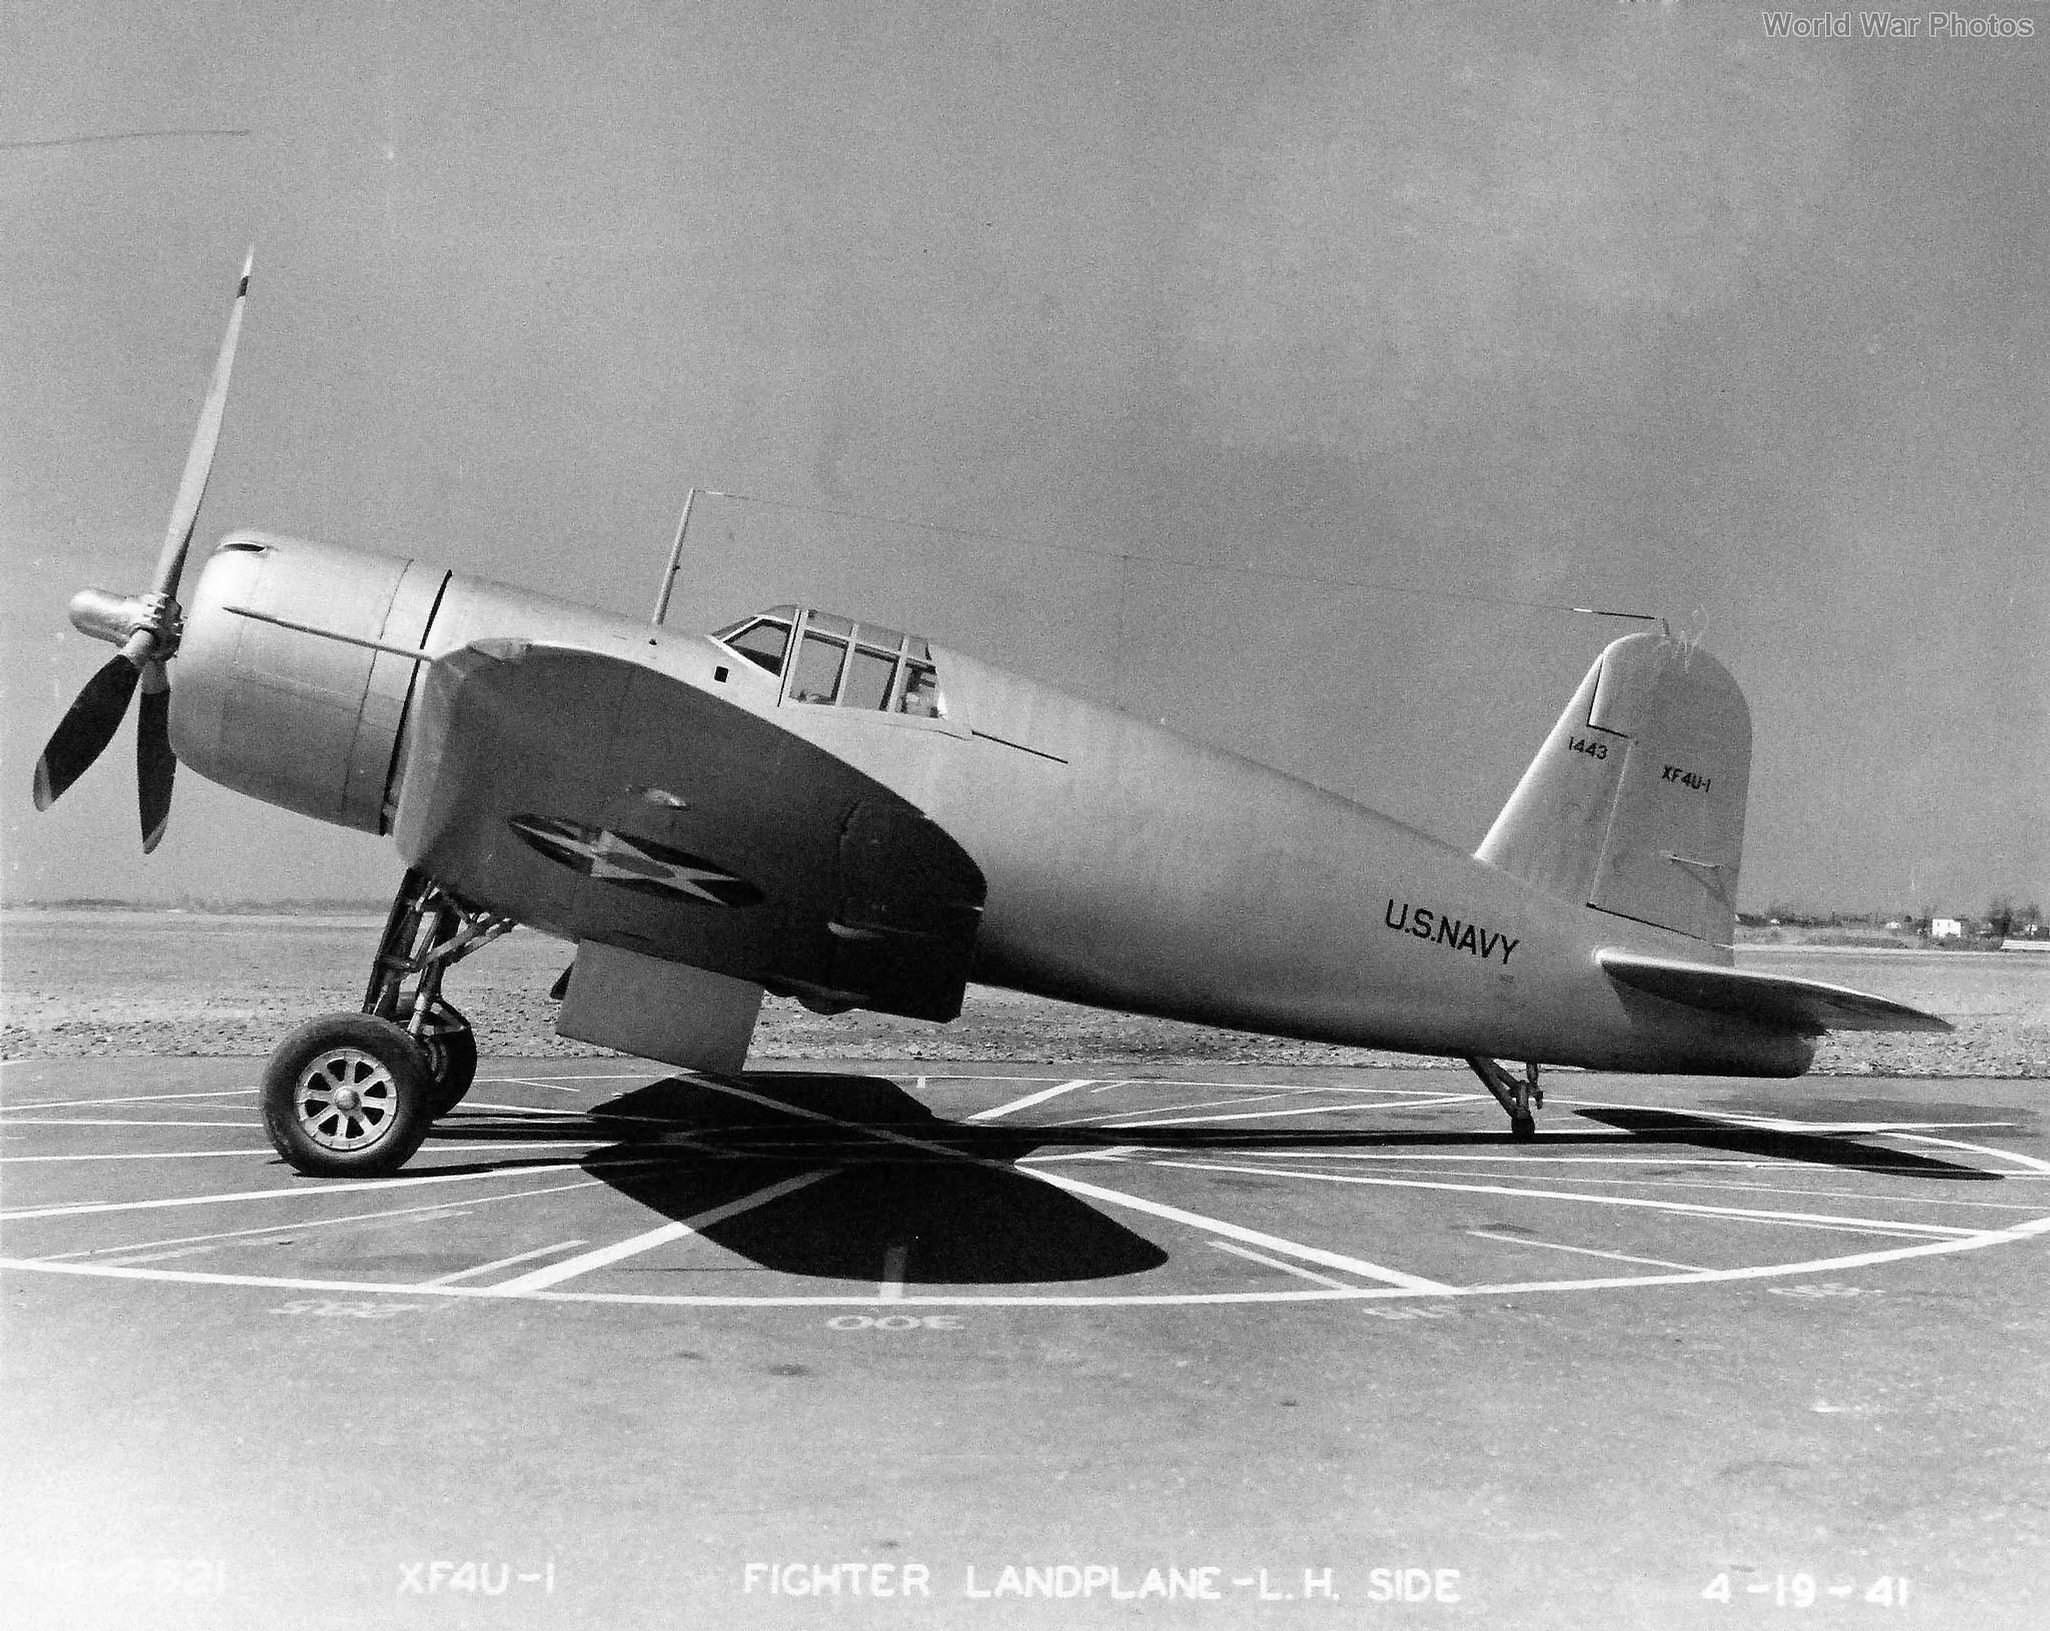 XF4U-1 19 April 1941